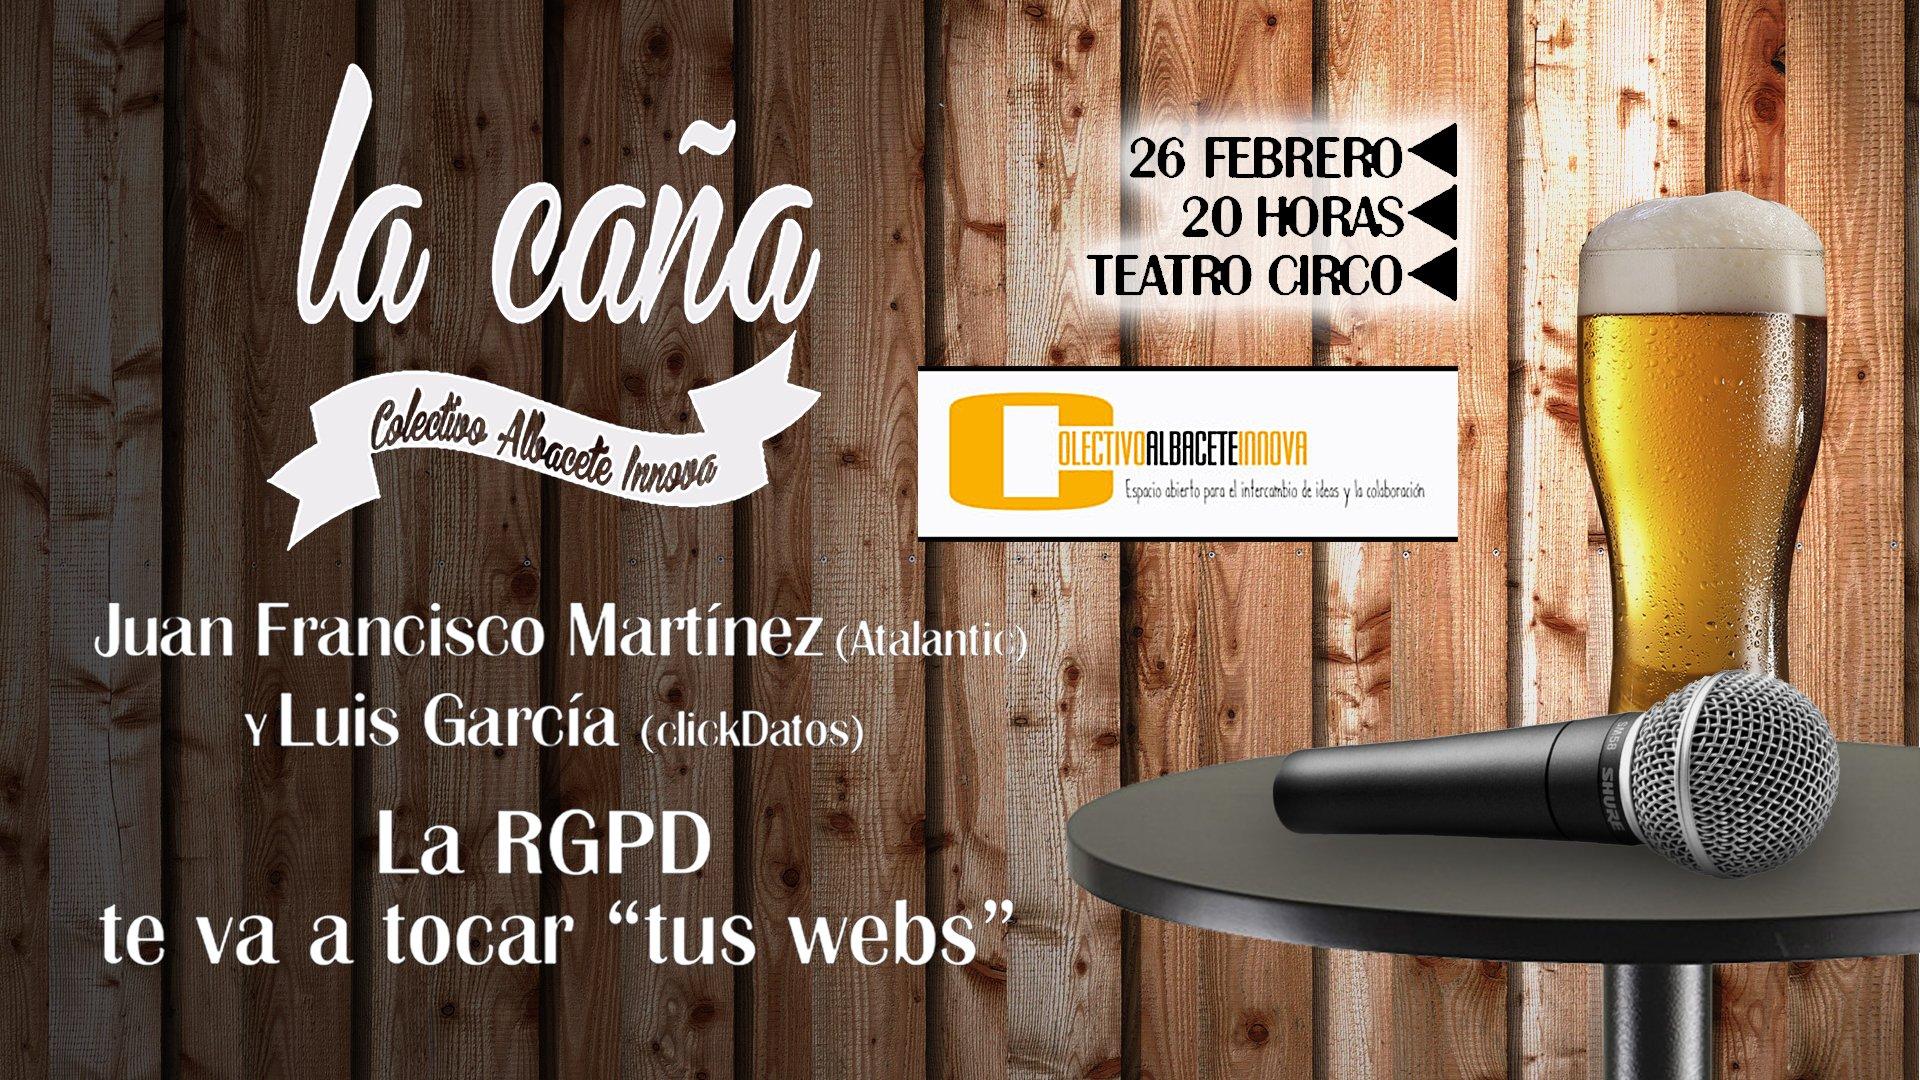 Charla RGPD - La Caña Innova